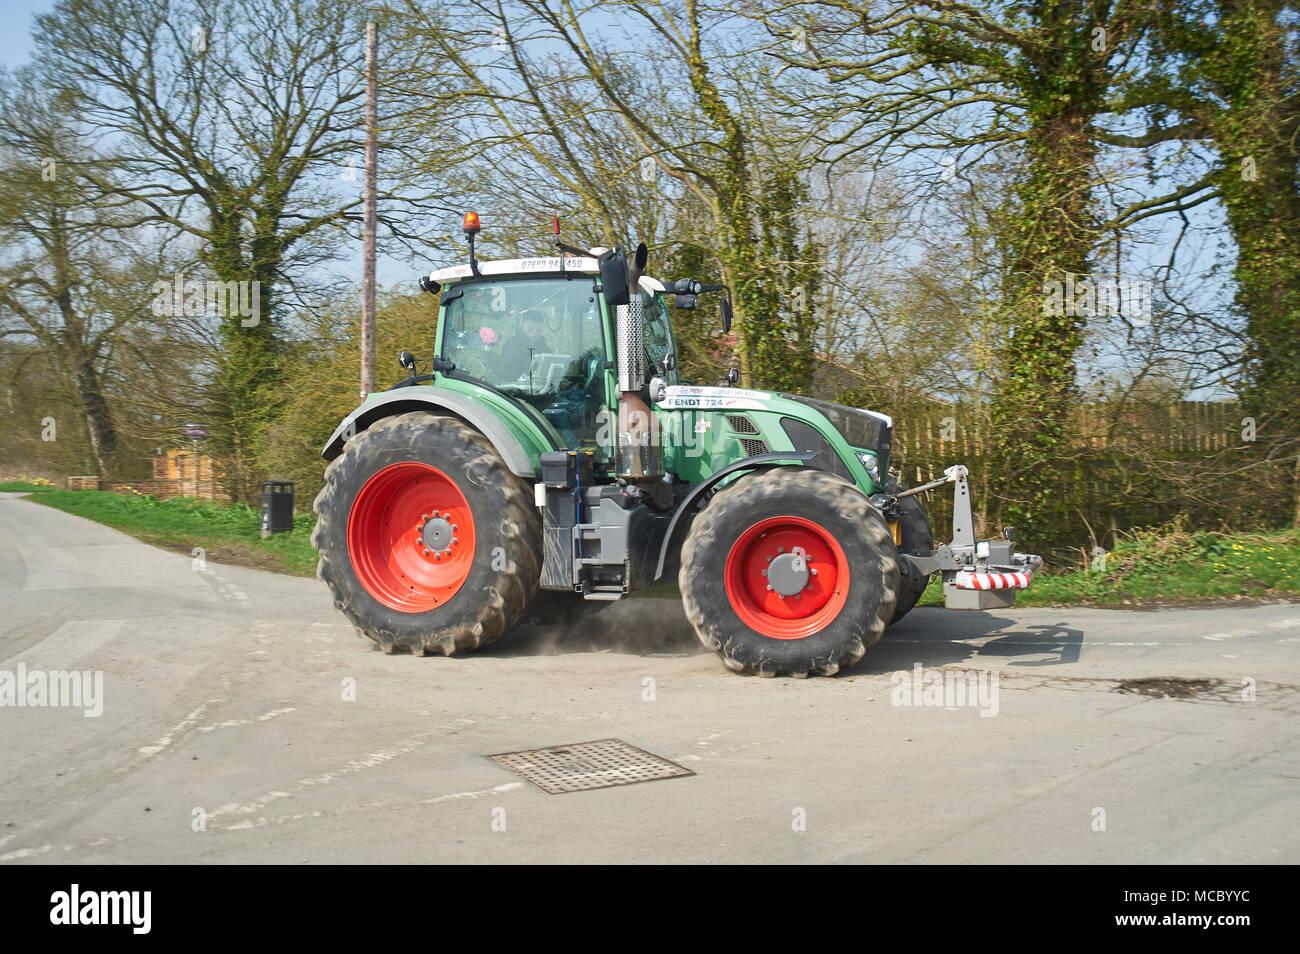 Tractores de todos los tipos en la ejecución anual de caridad para Macmillan Cancer Support, Driffield, East Yorkshire Wolds, Inglaterra, Reino Unido. Foto de stock